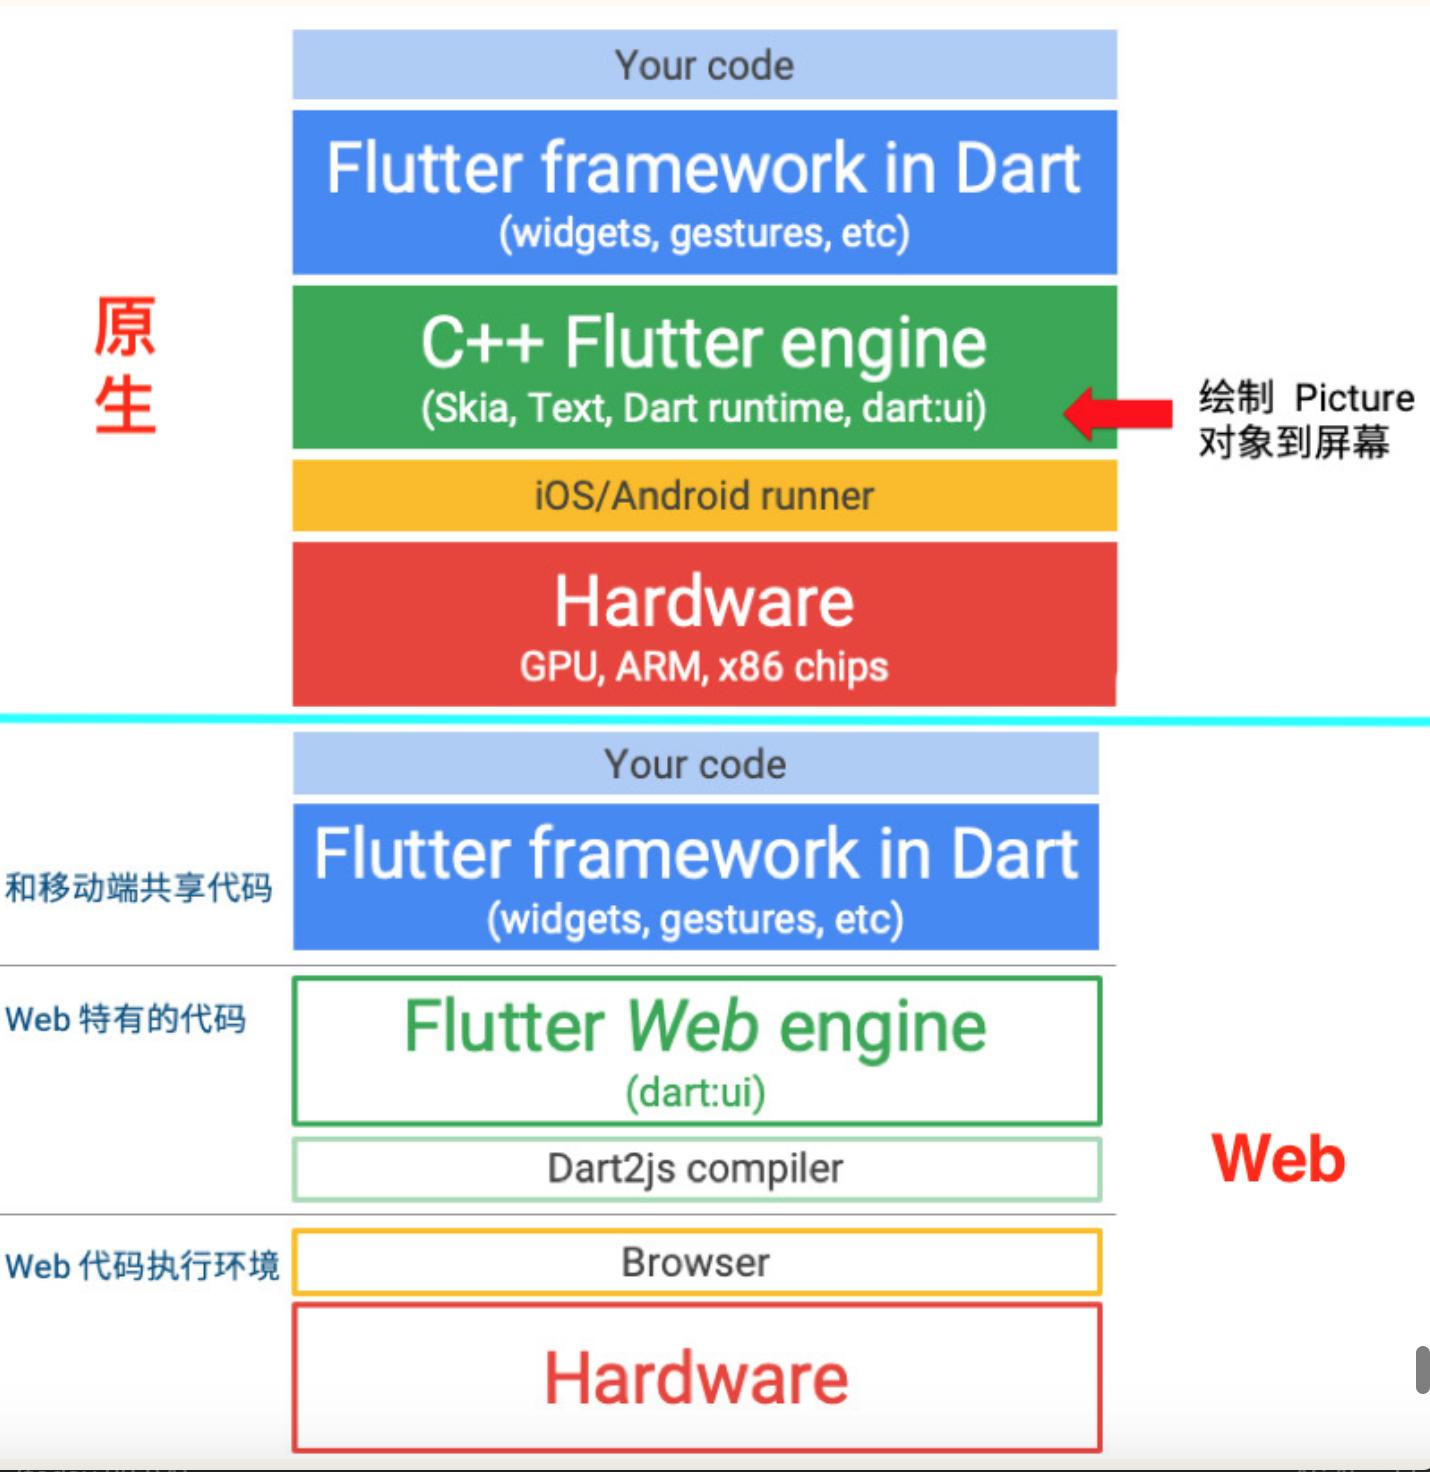 全网最全 Flutter 与 ReactNative深入对比 - 图21